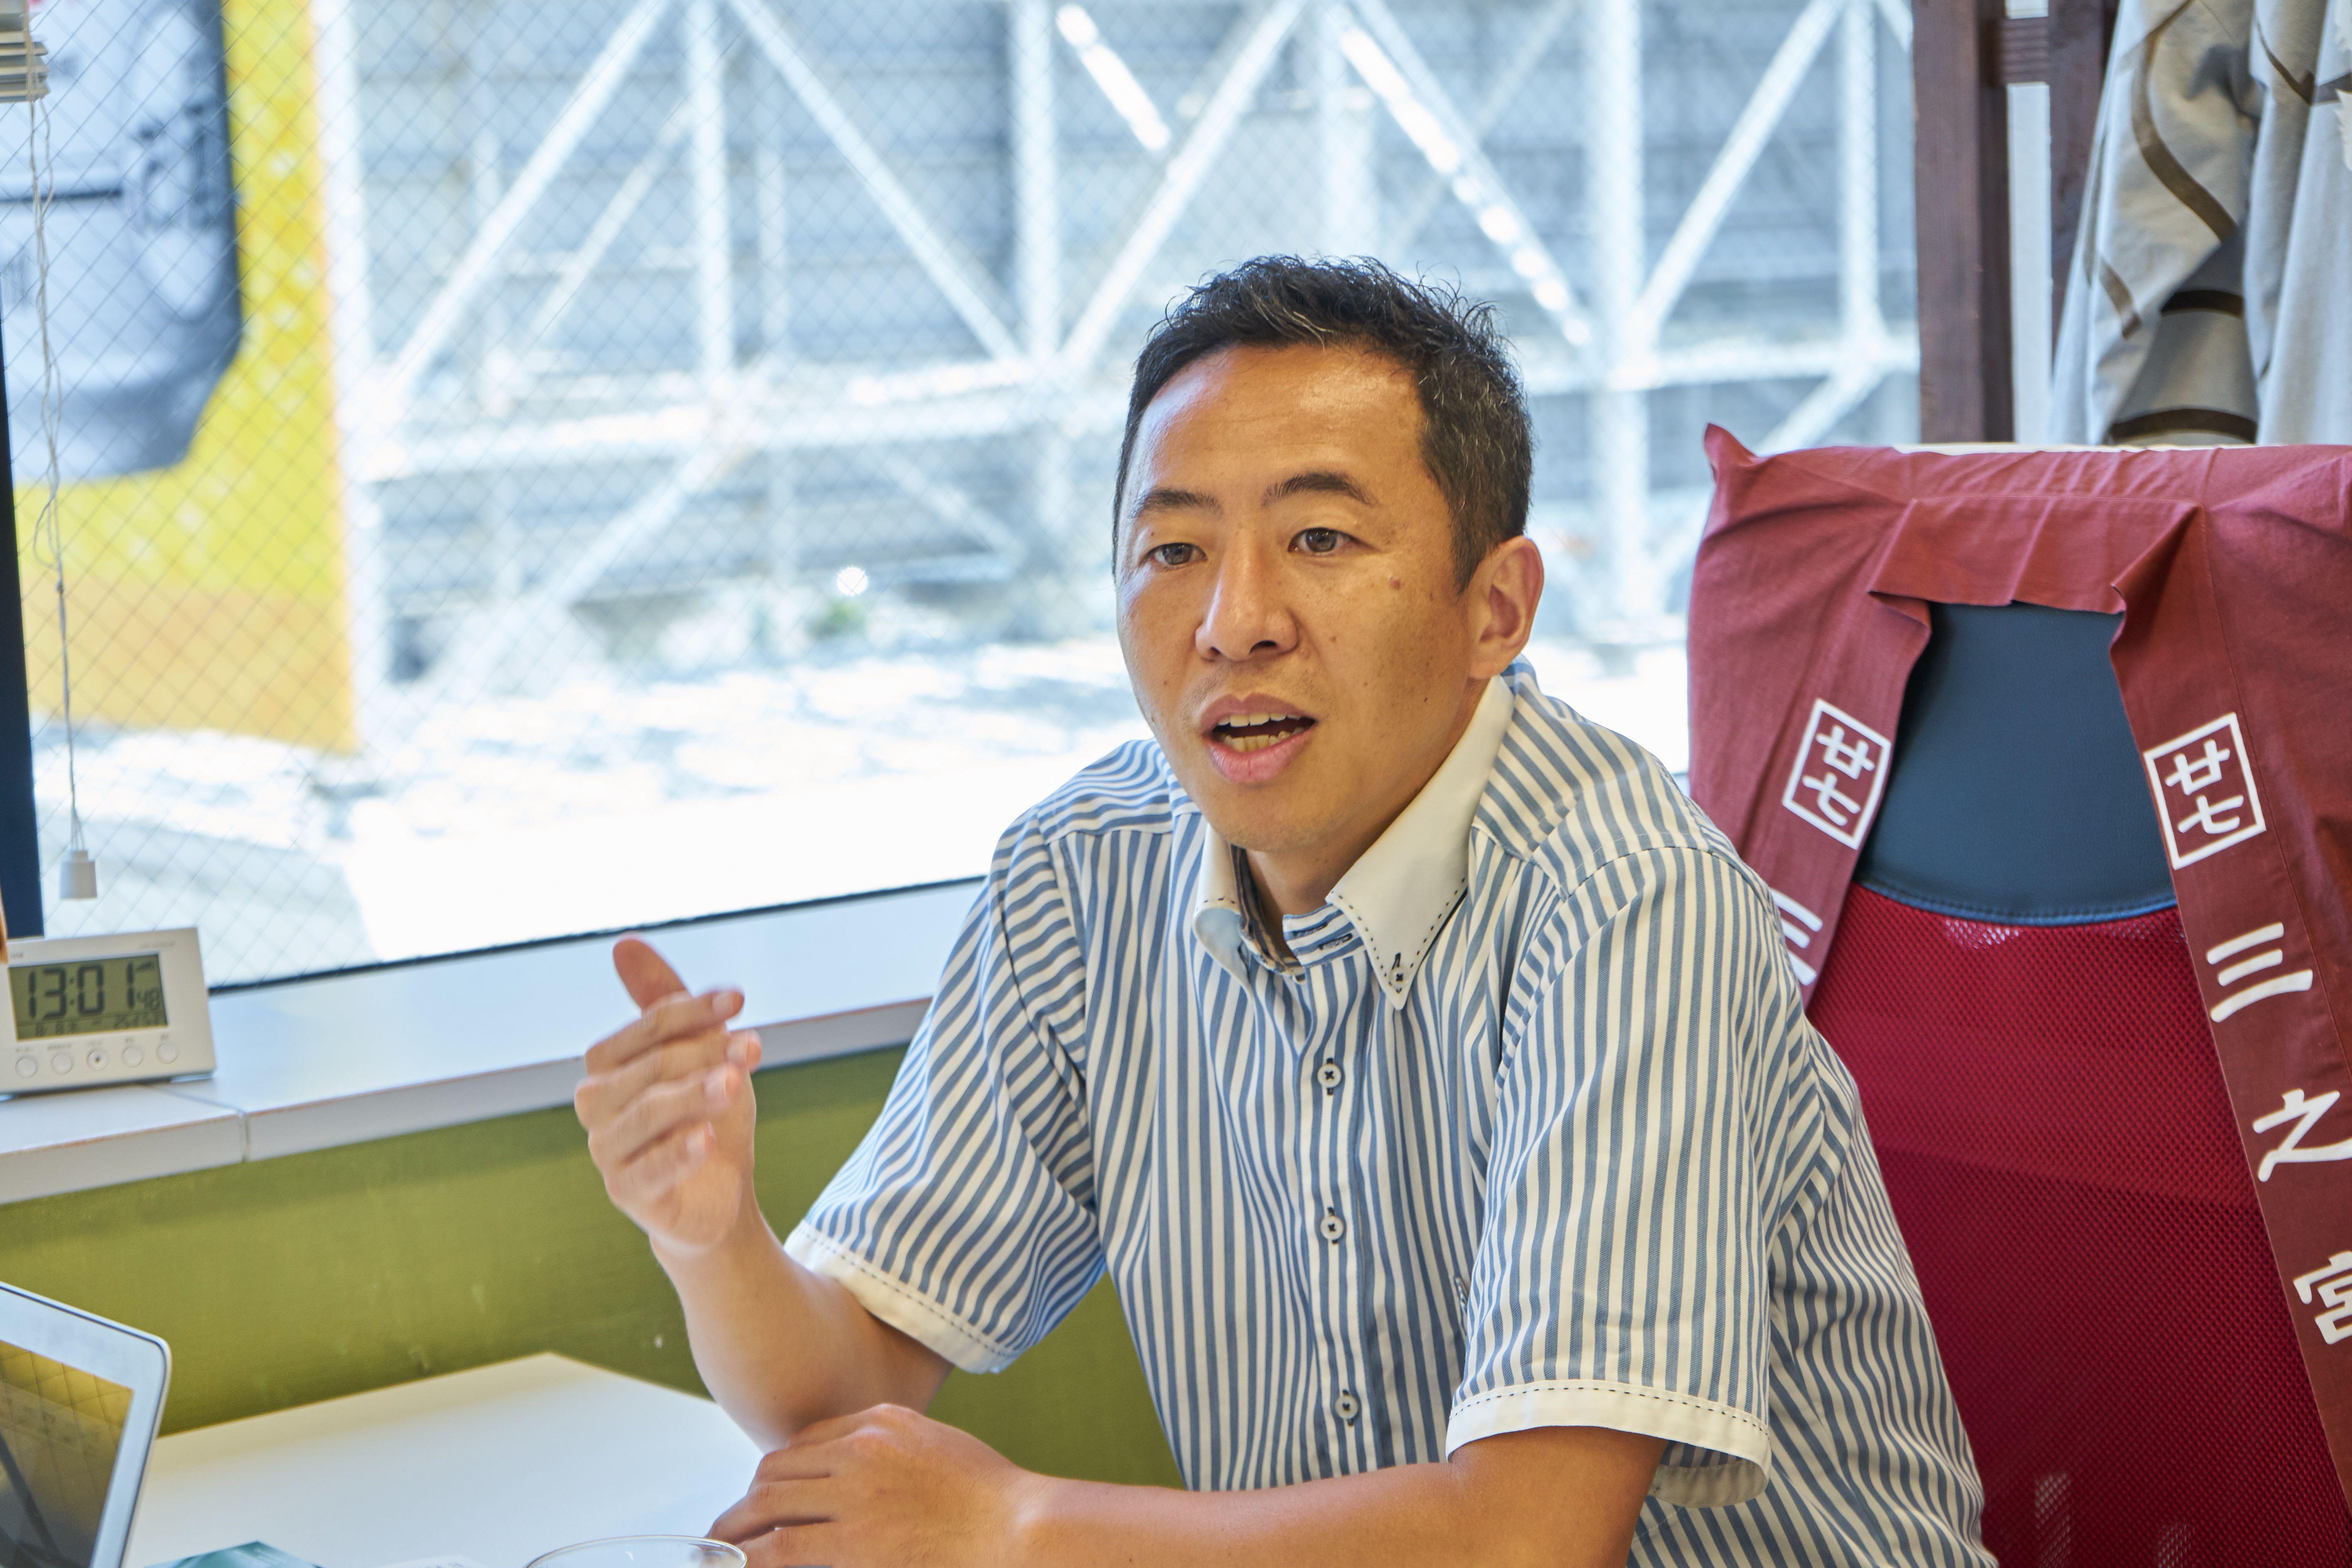 株式会社地域ブランディング研究所 吉田博詞さんさん